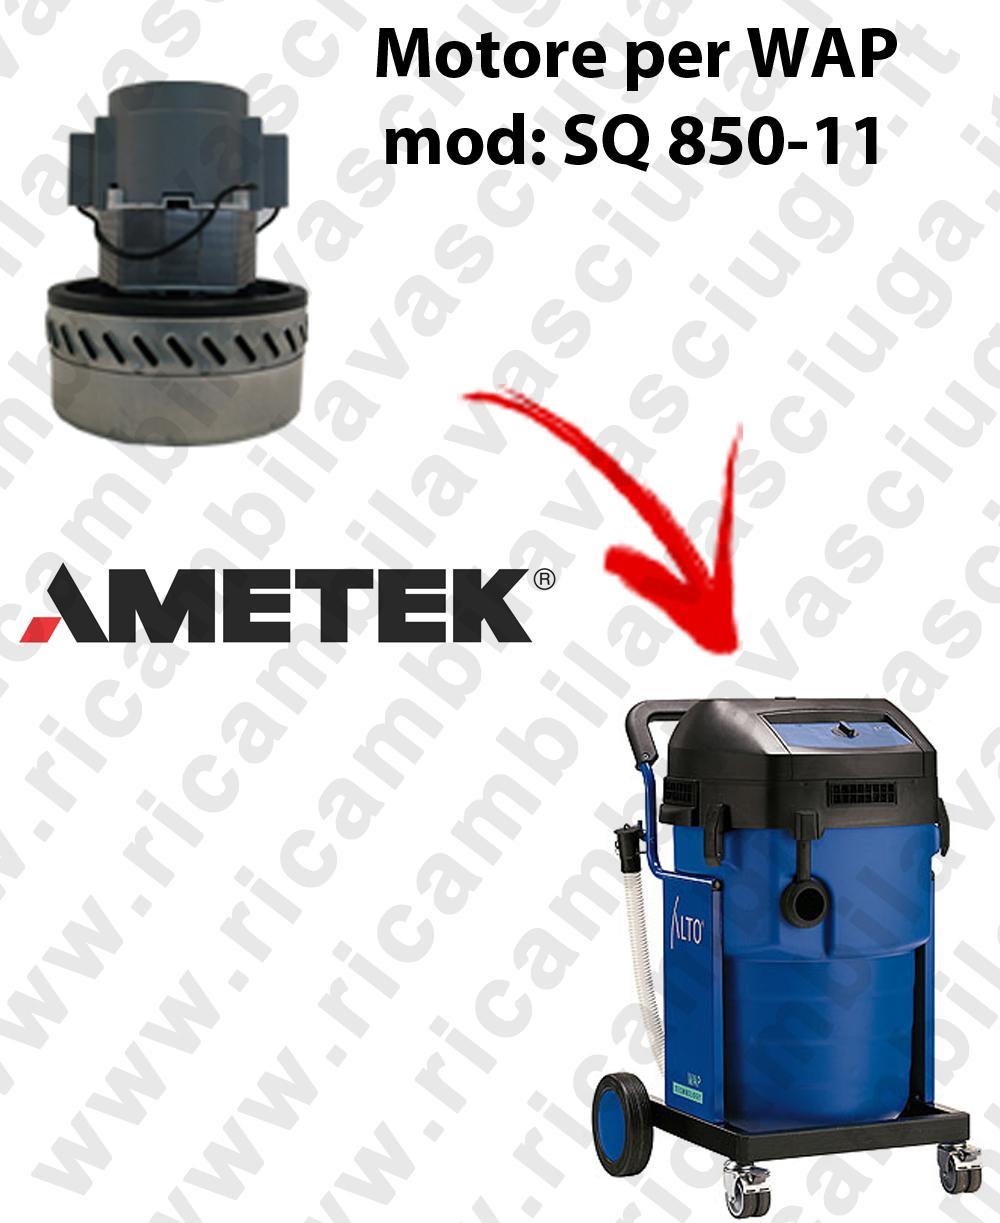 SQ 850 - 11 MOTORE ASPIRAZIONE AMETEK  per aspirapolvere WAP